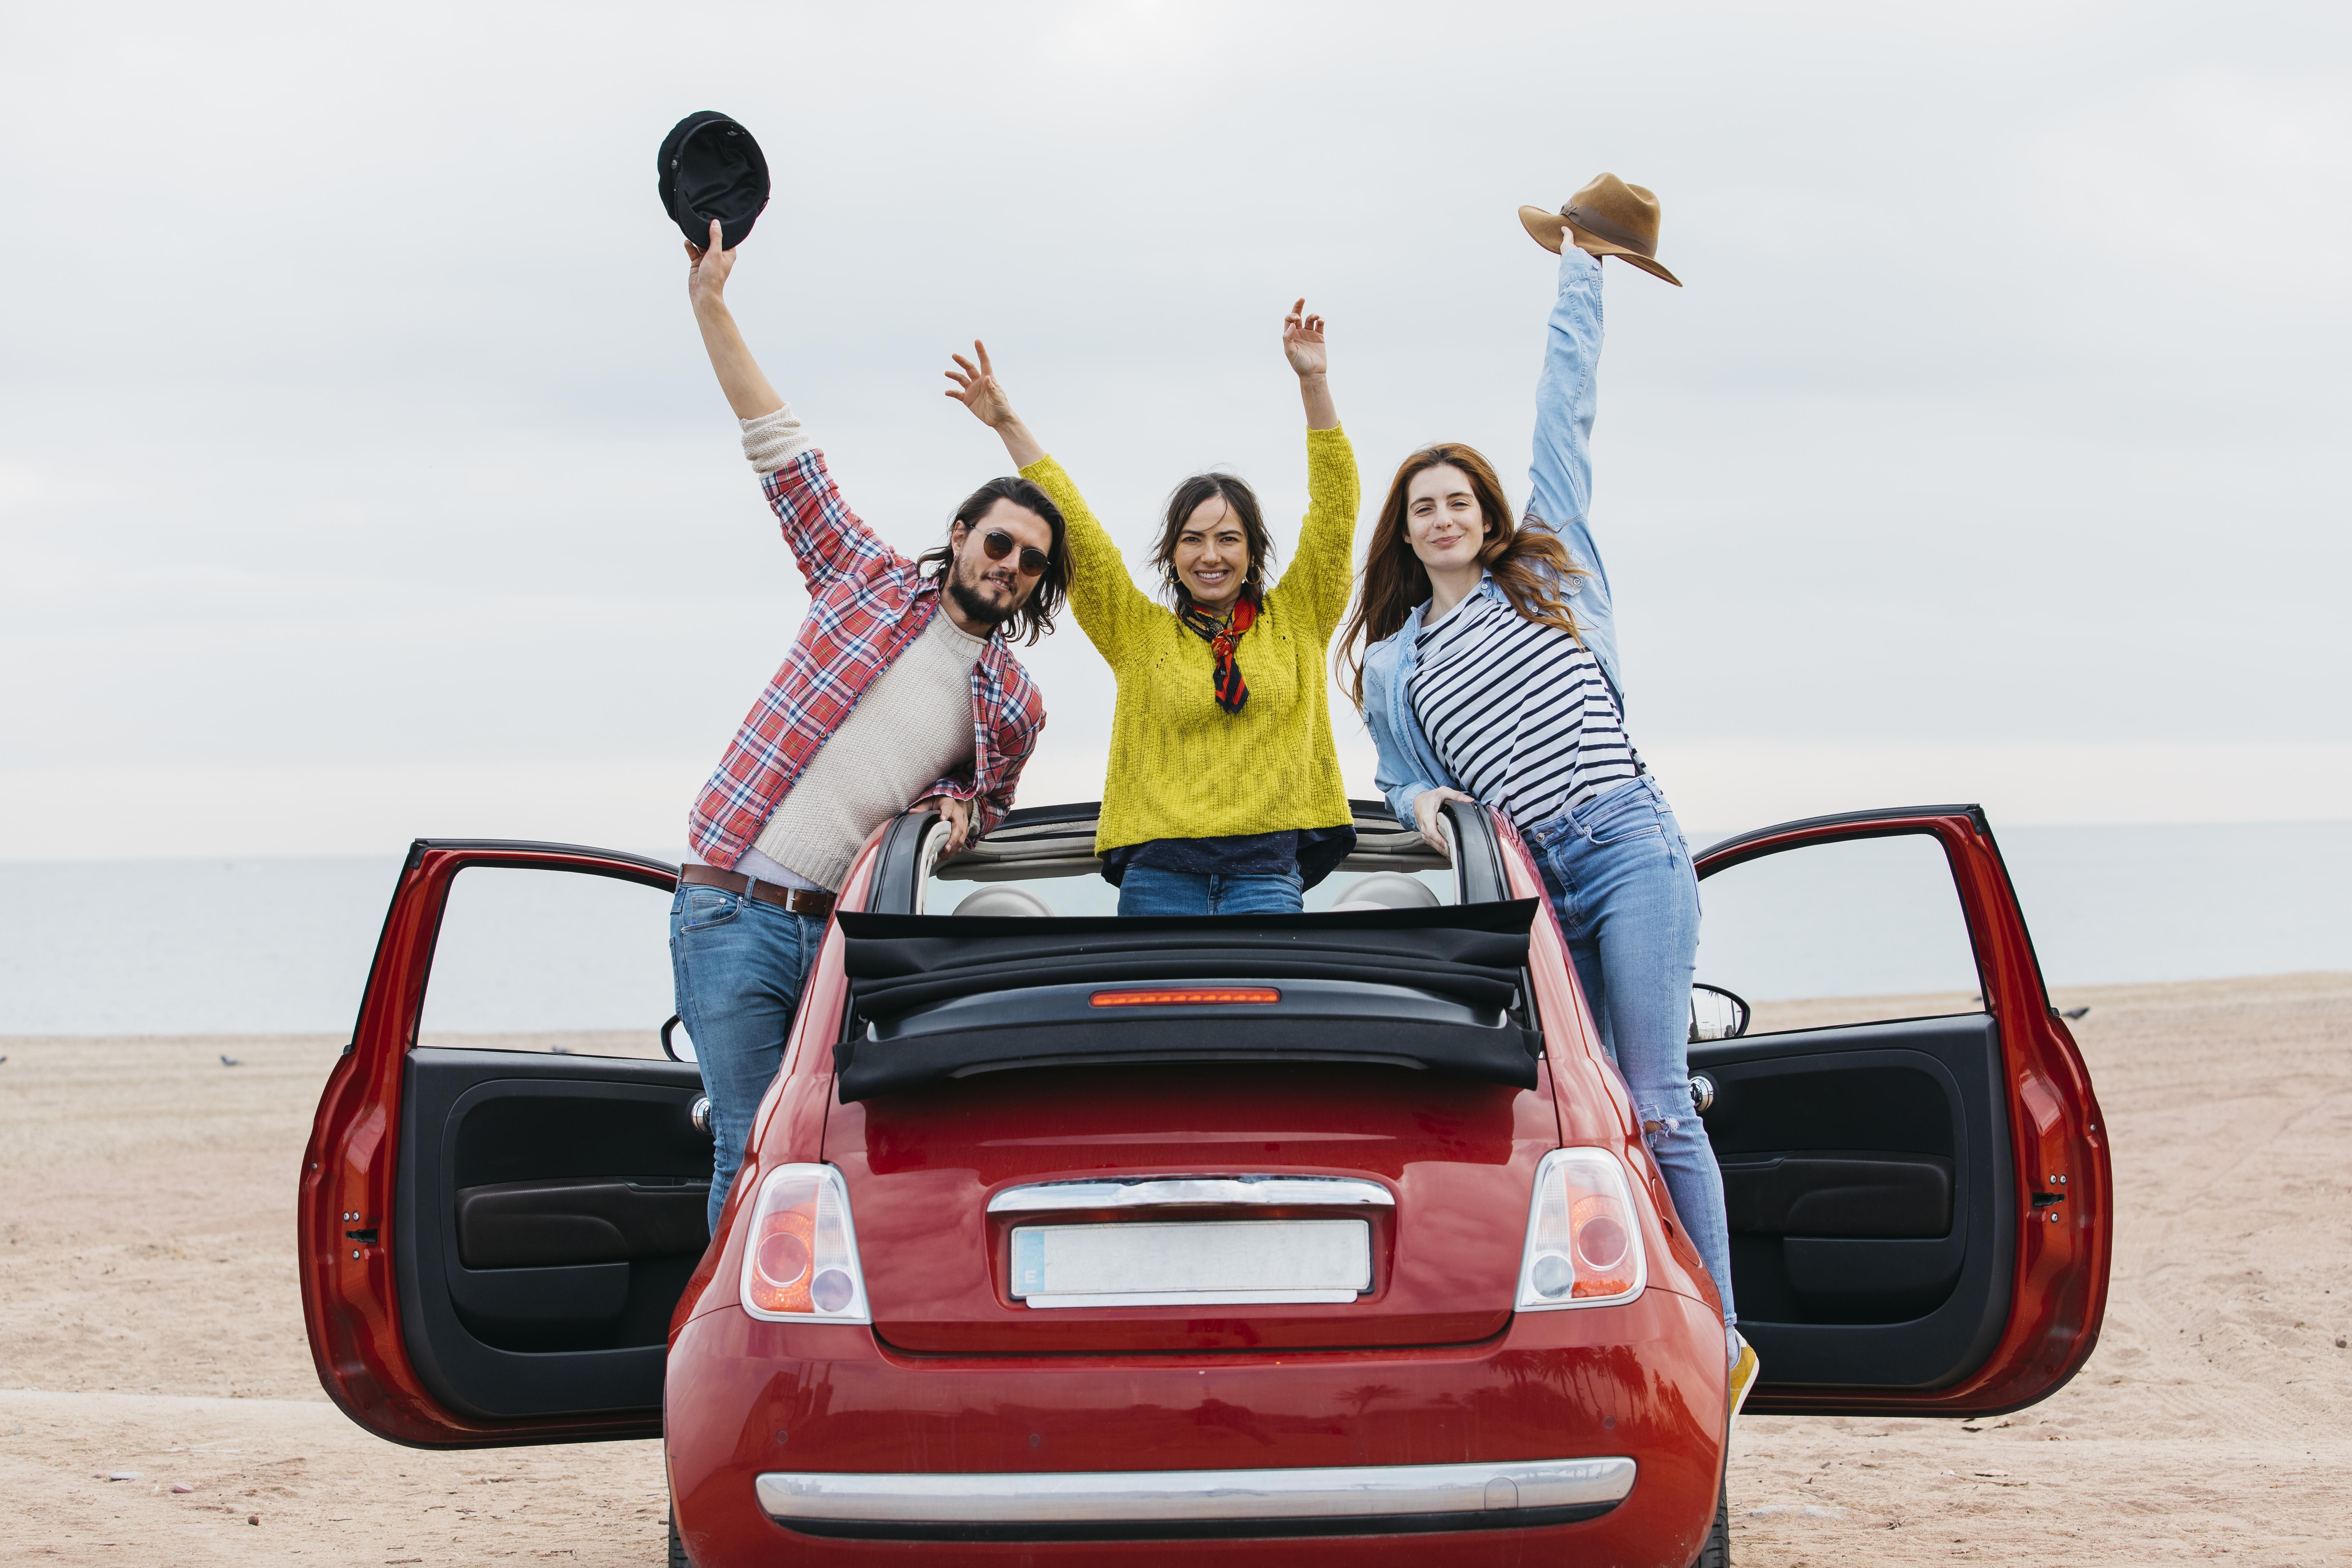 Vacanze senza stress grazie a Autoitalo